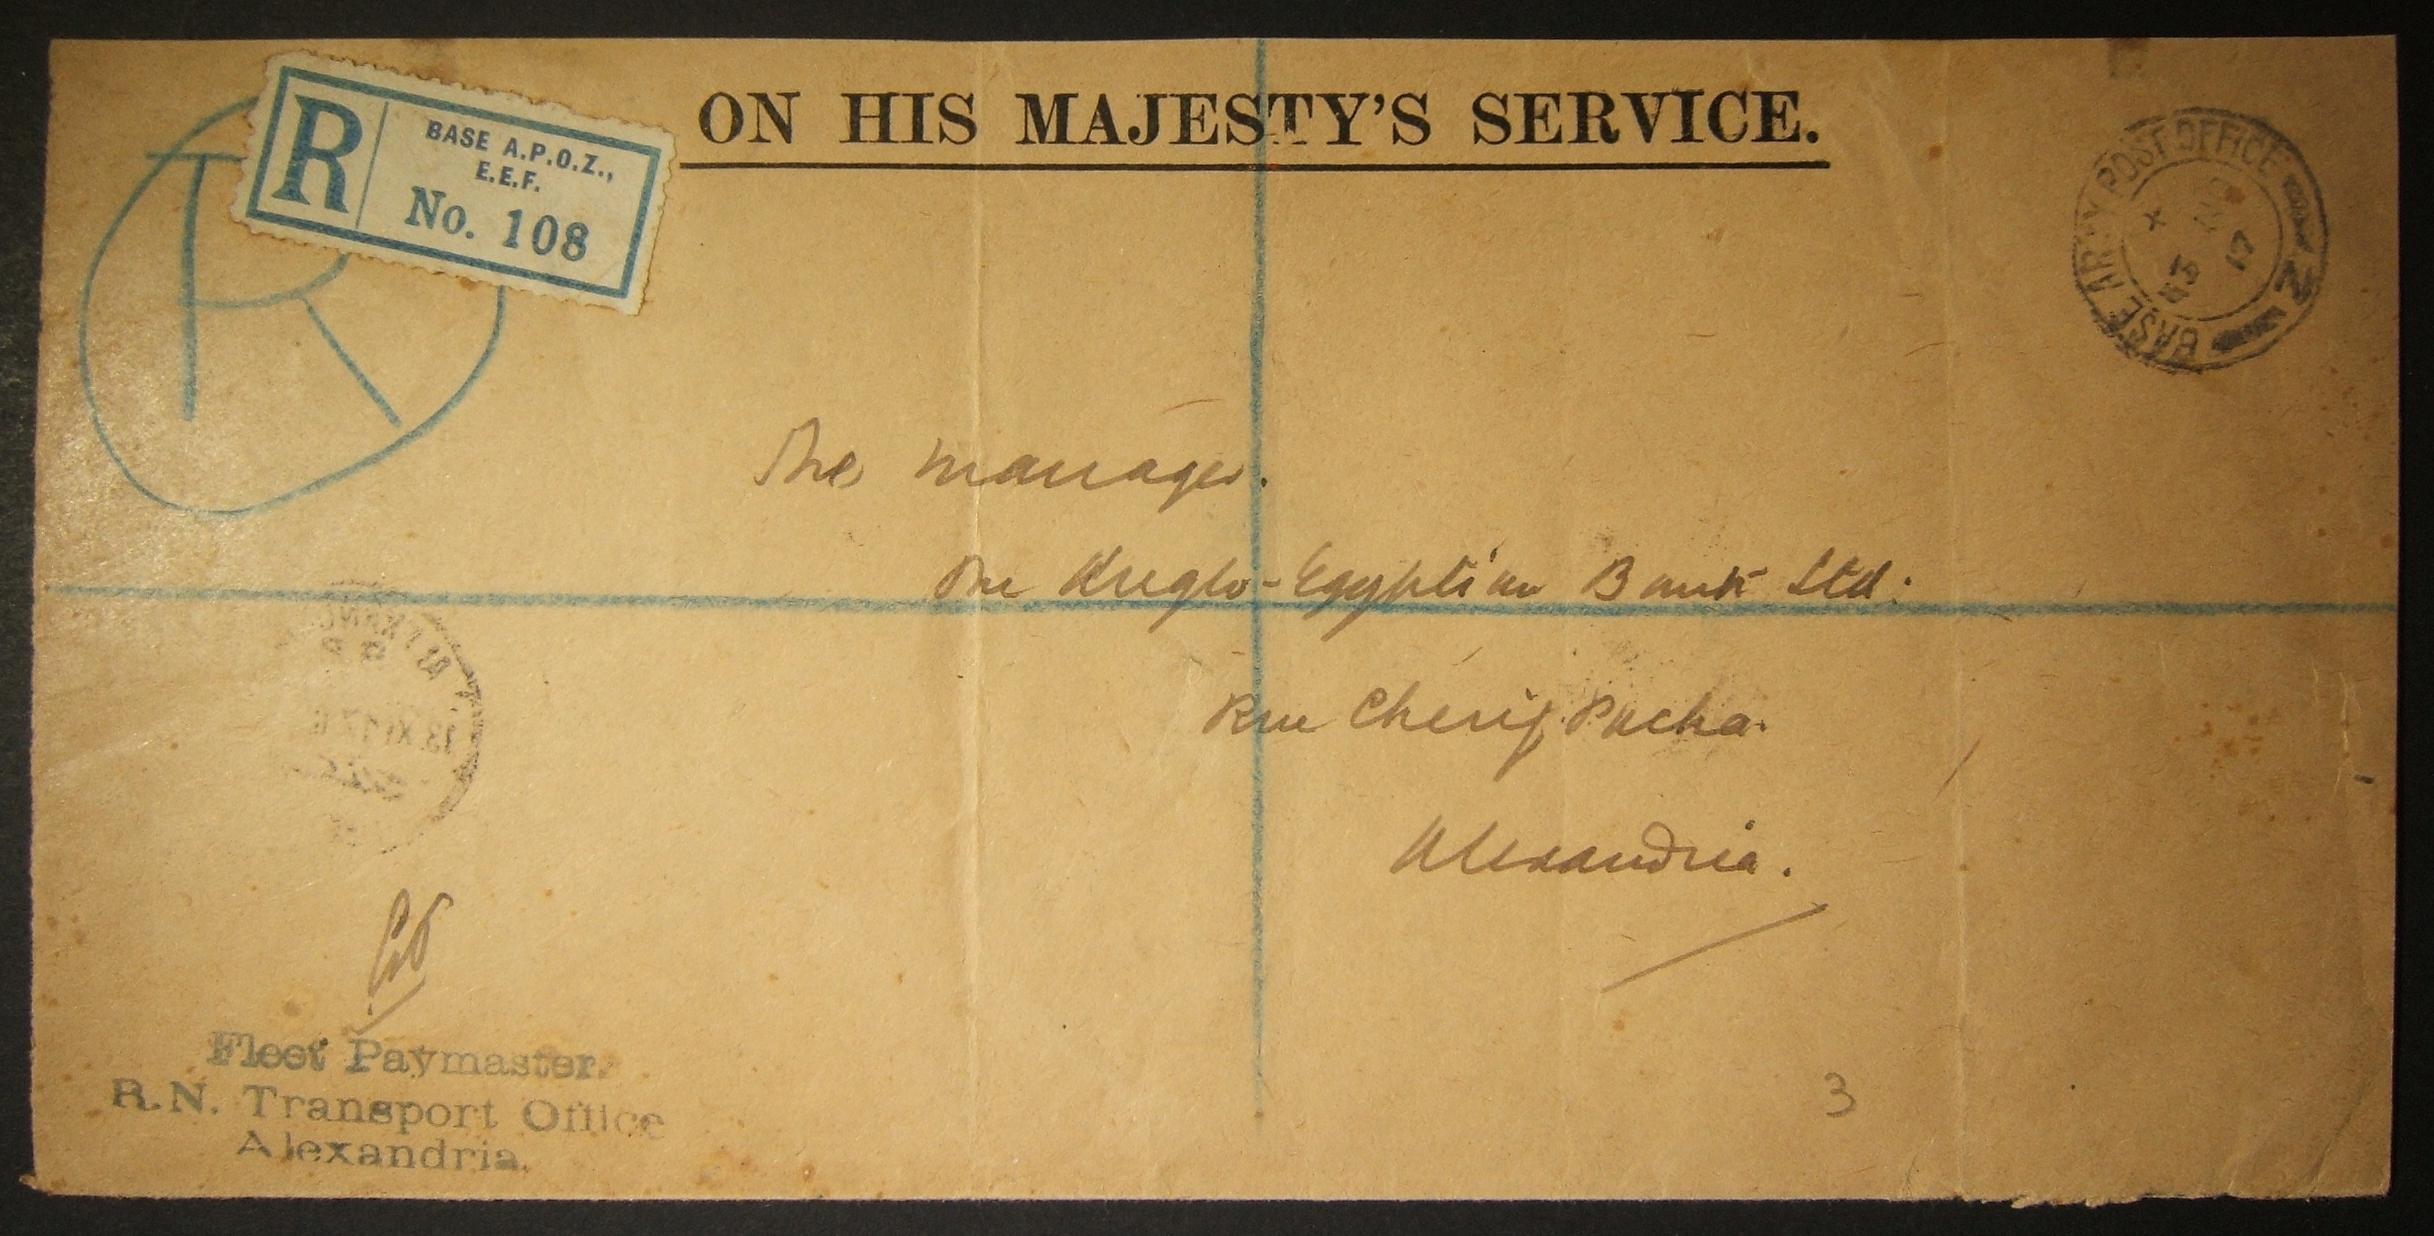 5/1917 WWI מצרים דואר צבאי בריטי של פליט מנהל כספים לאלכסנדריה; יחידת המטמון האחרונה המתוארכת